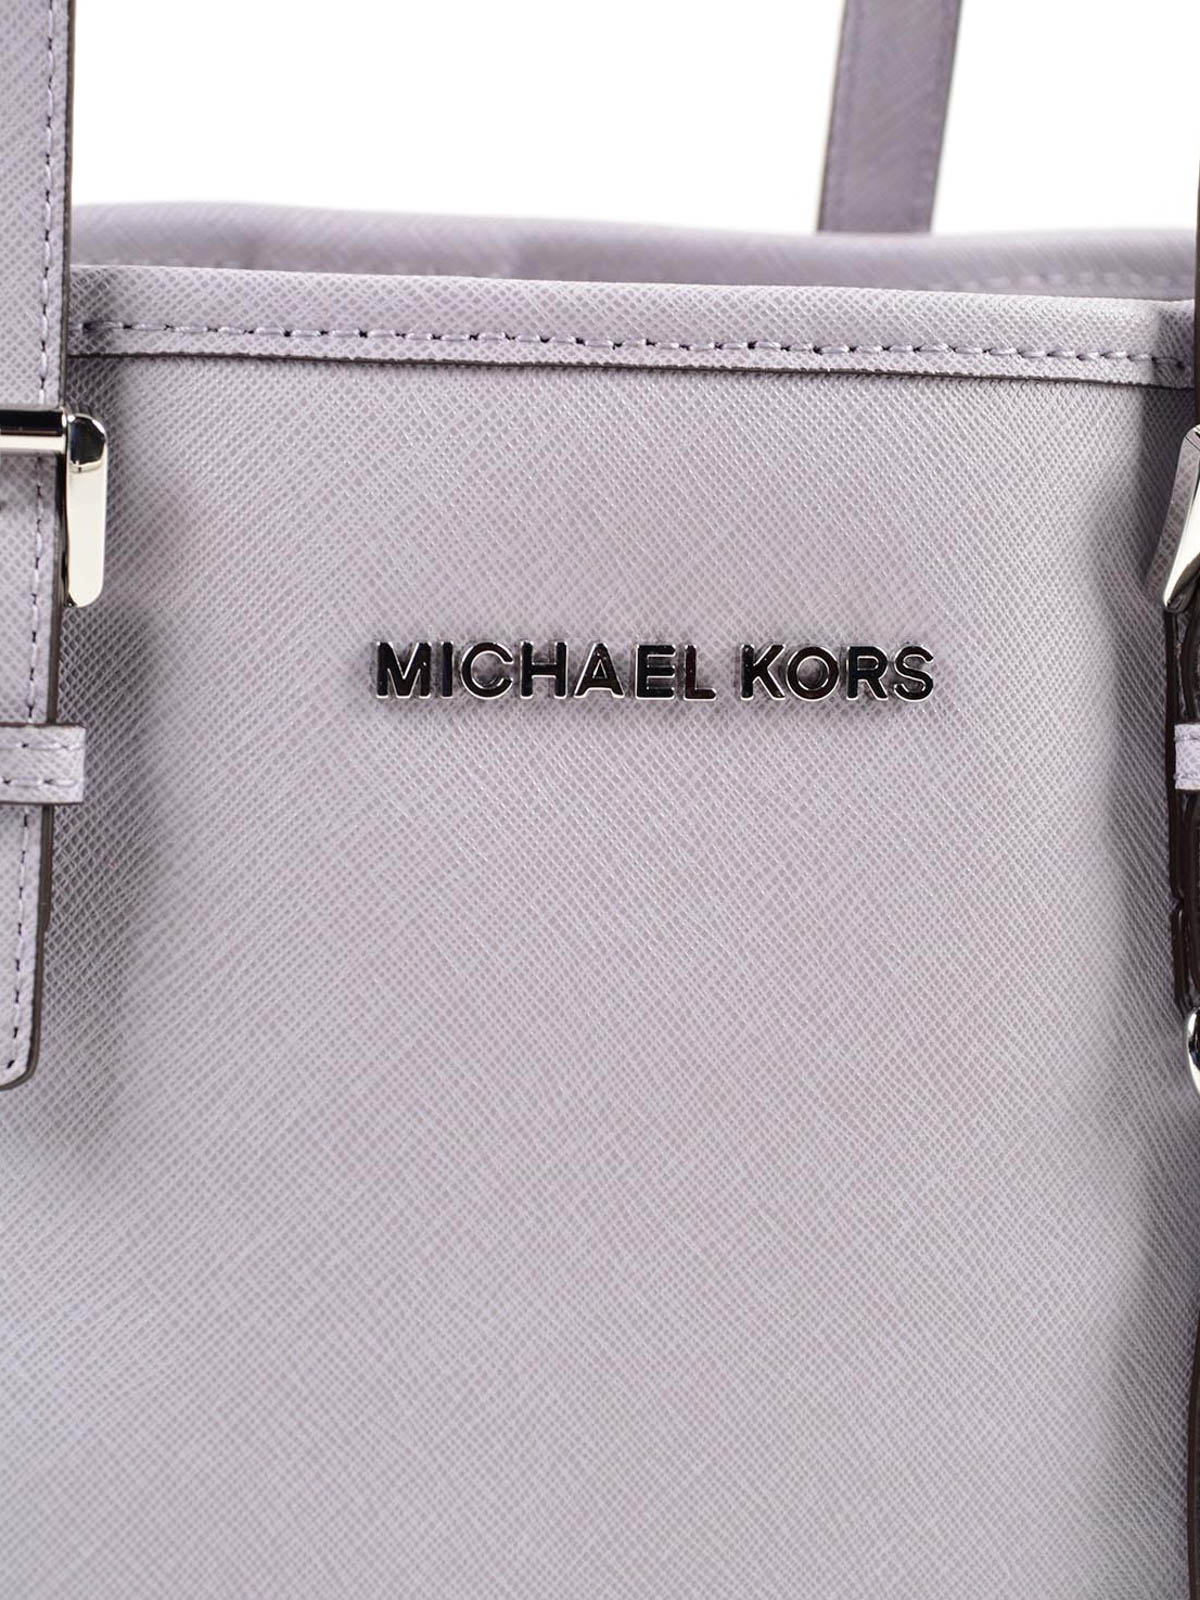 Michael Kors Handtasch Dillon Hell Lila Handtaschen